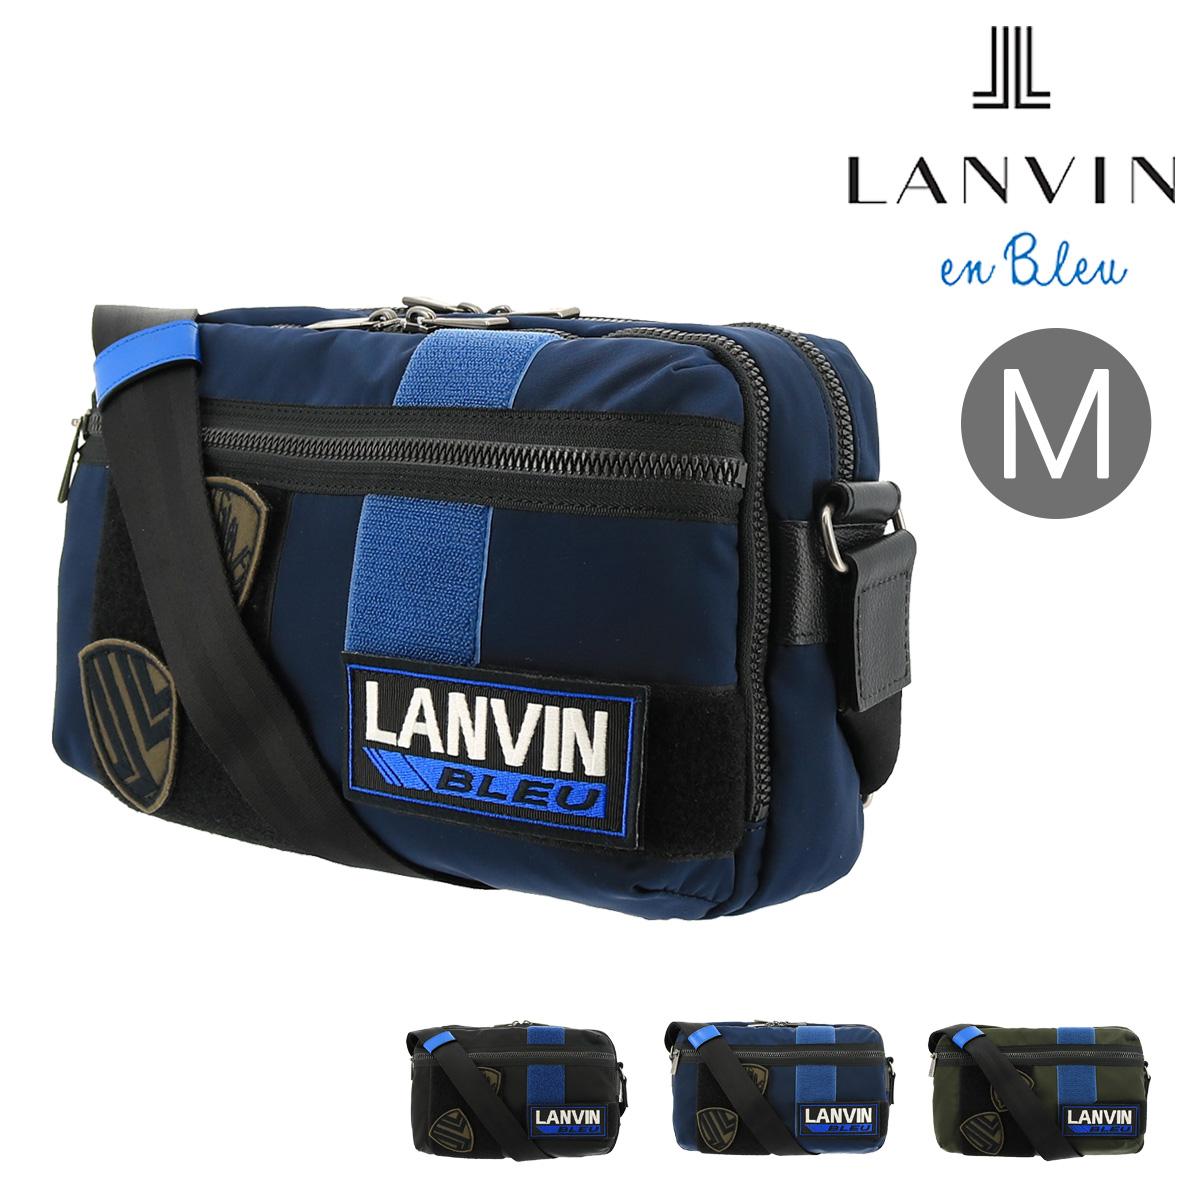 ランバンオンブルー ショルダーバッグ メンズ レディース クレスト 577102 LANVIN en Bleu | 軽量 ナイロン ワッペン[bef]